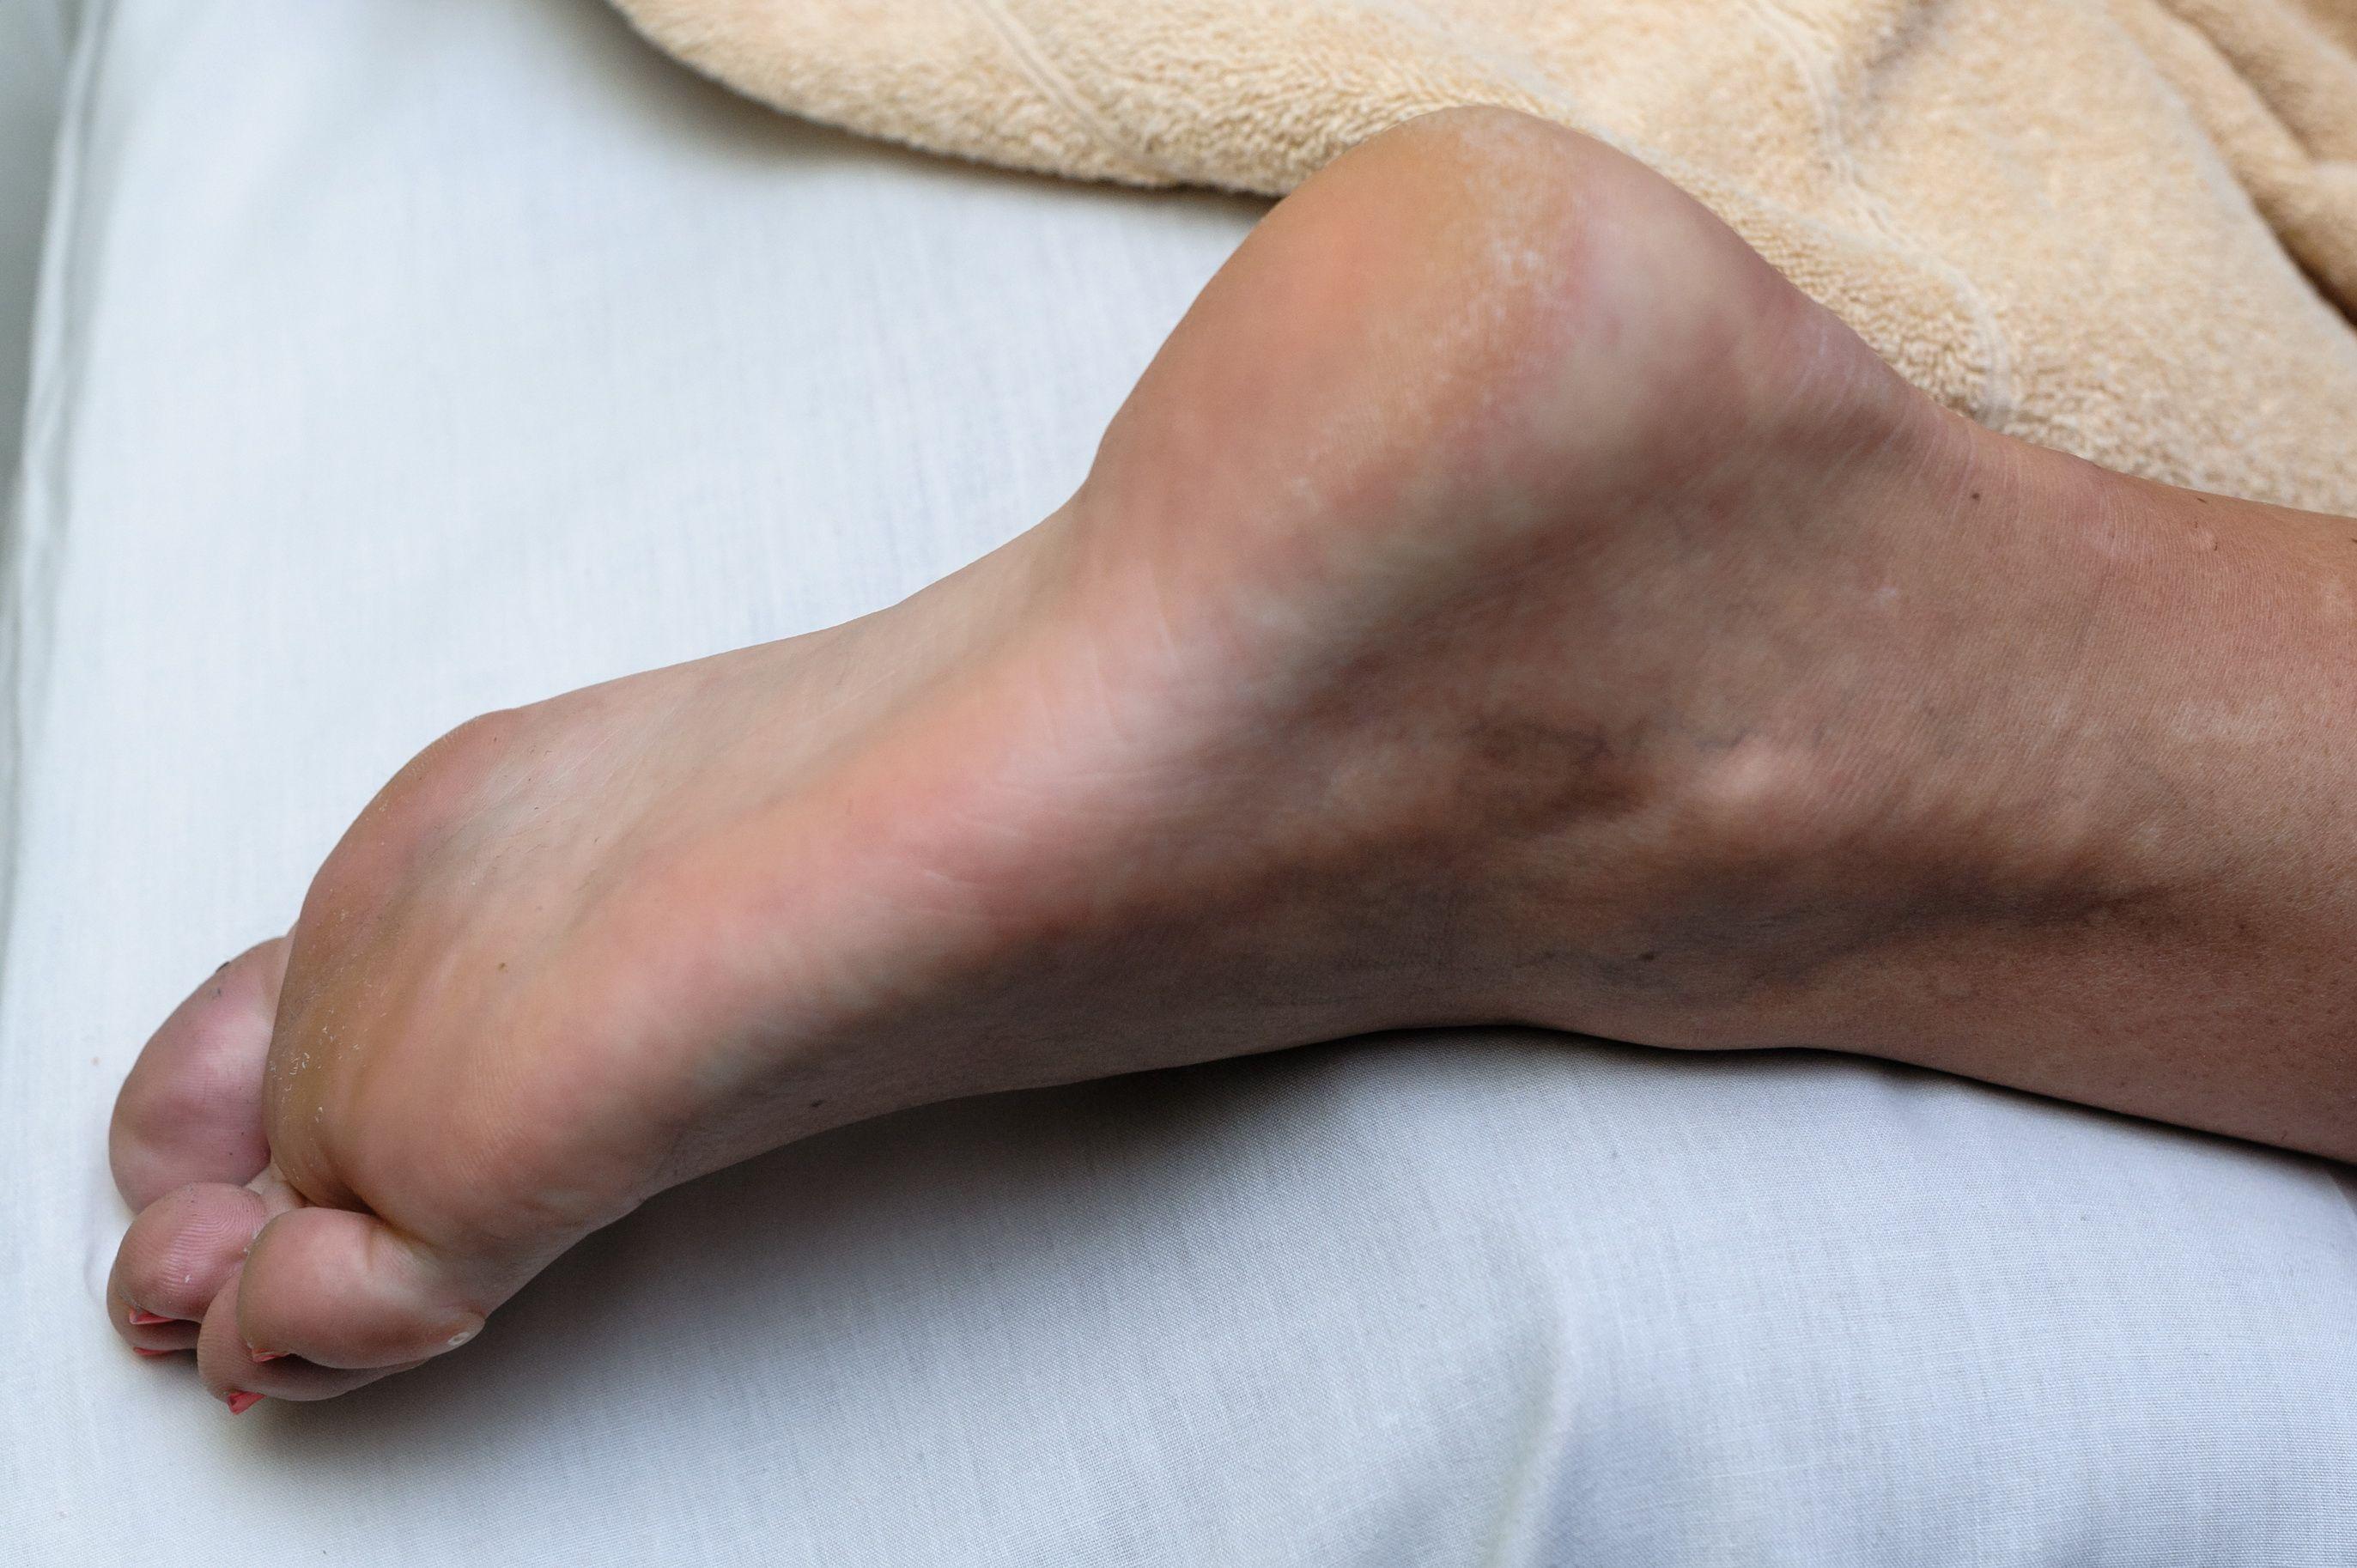 laivakaulio lūžis infekcinio artrito sąnarių